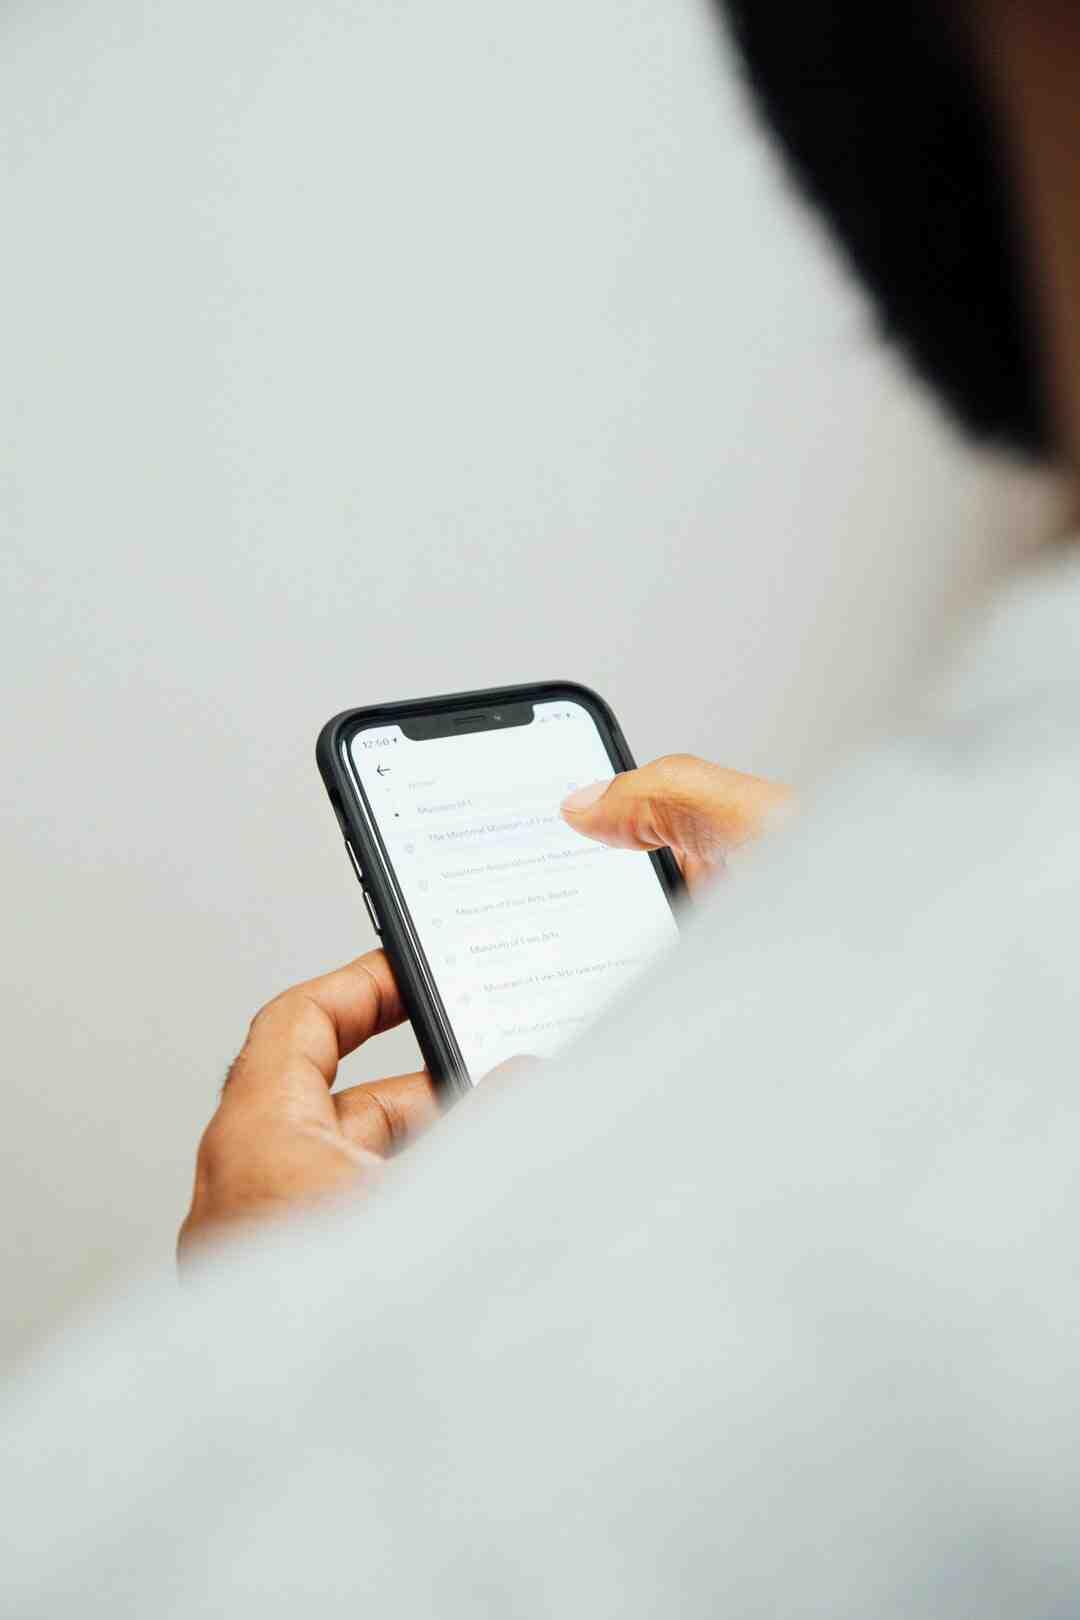 Comment faire un copier coller sur un iPhone